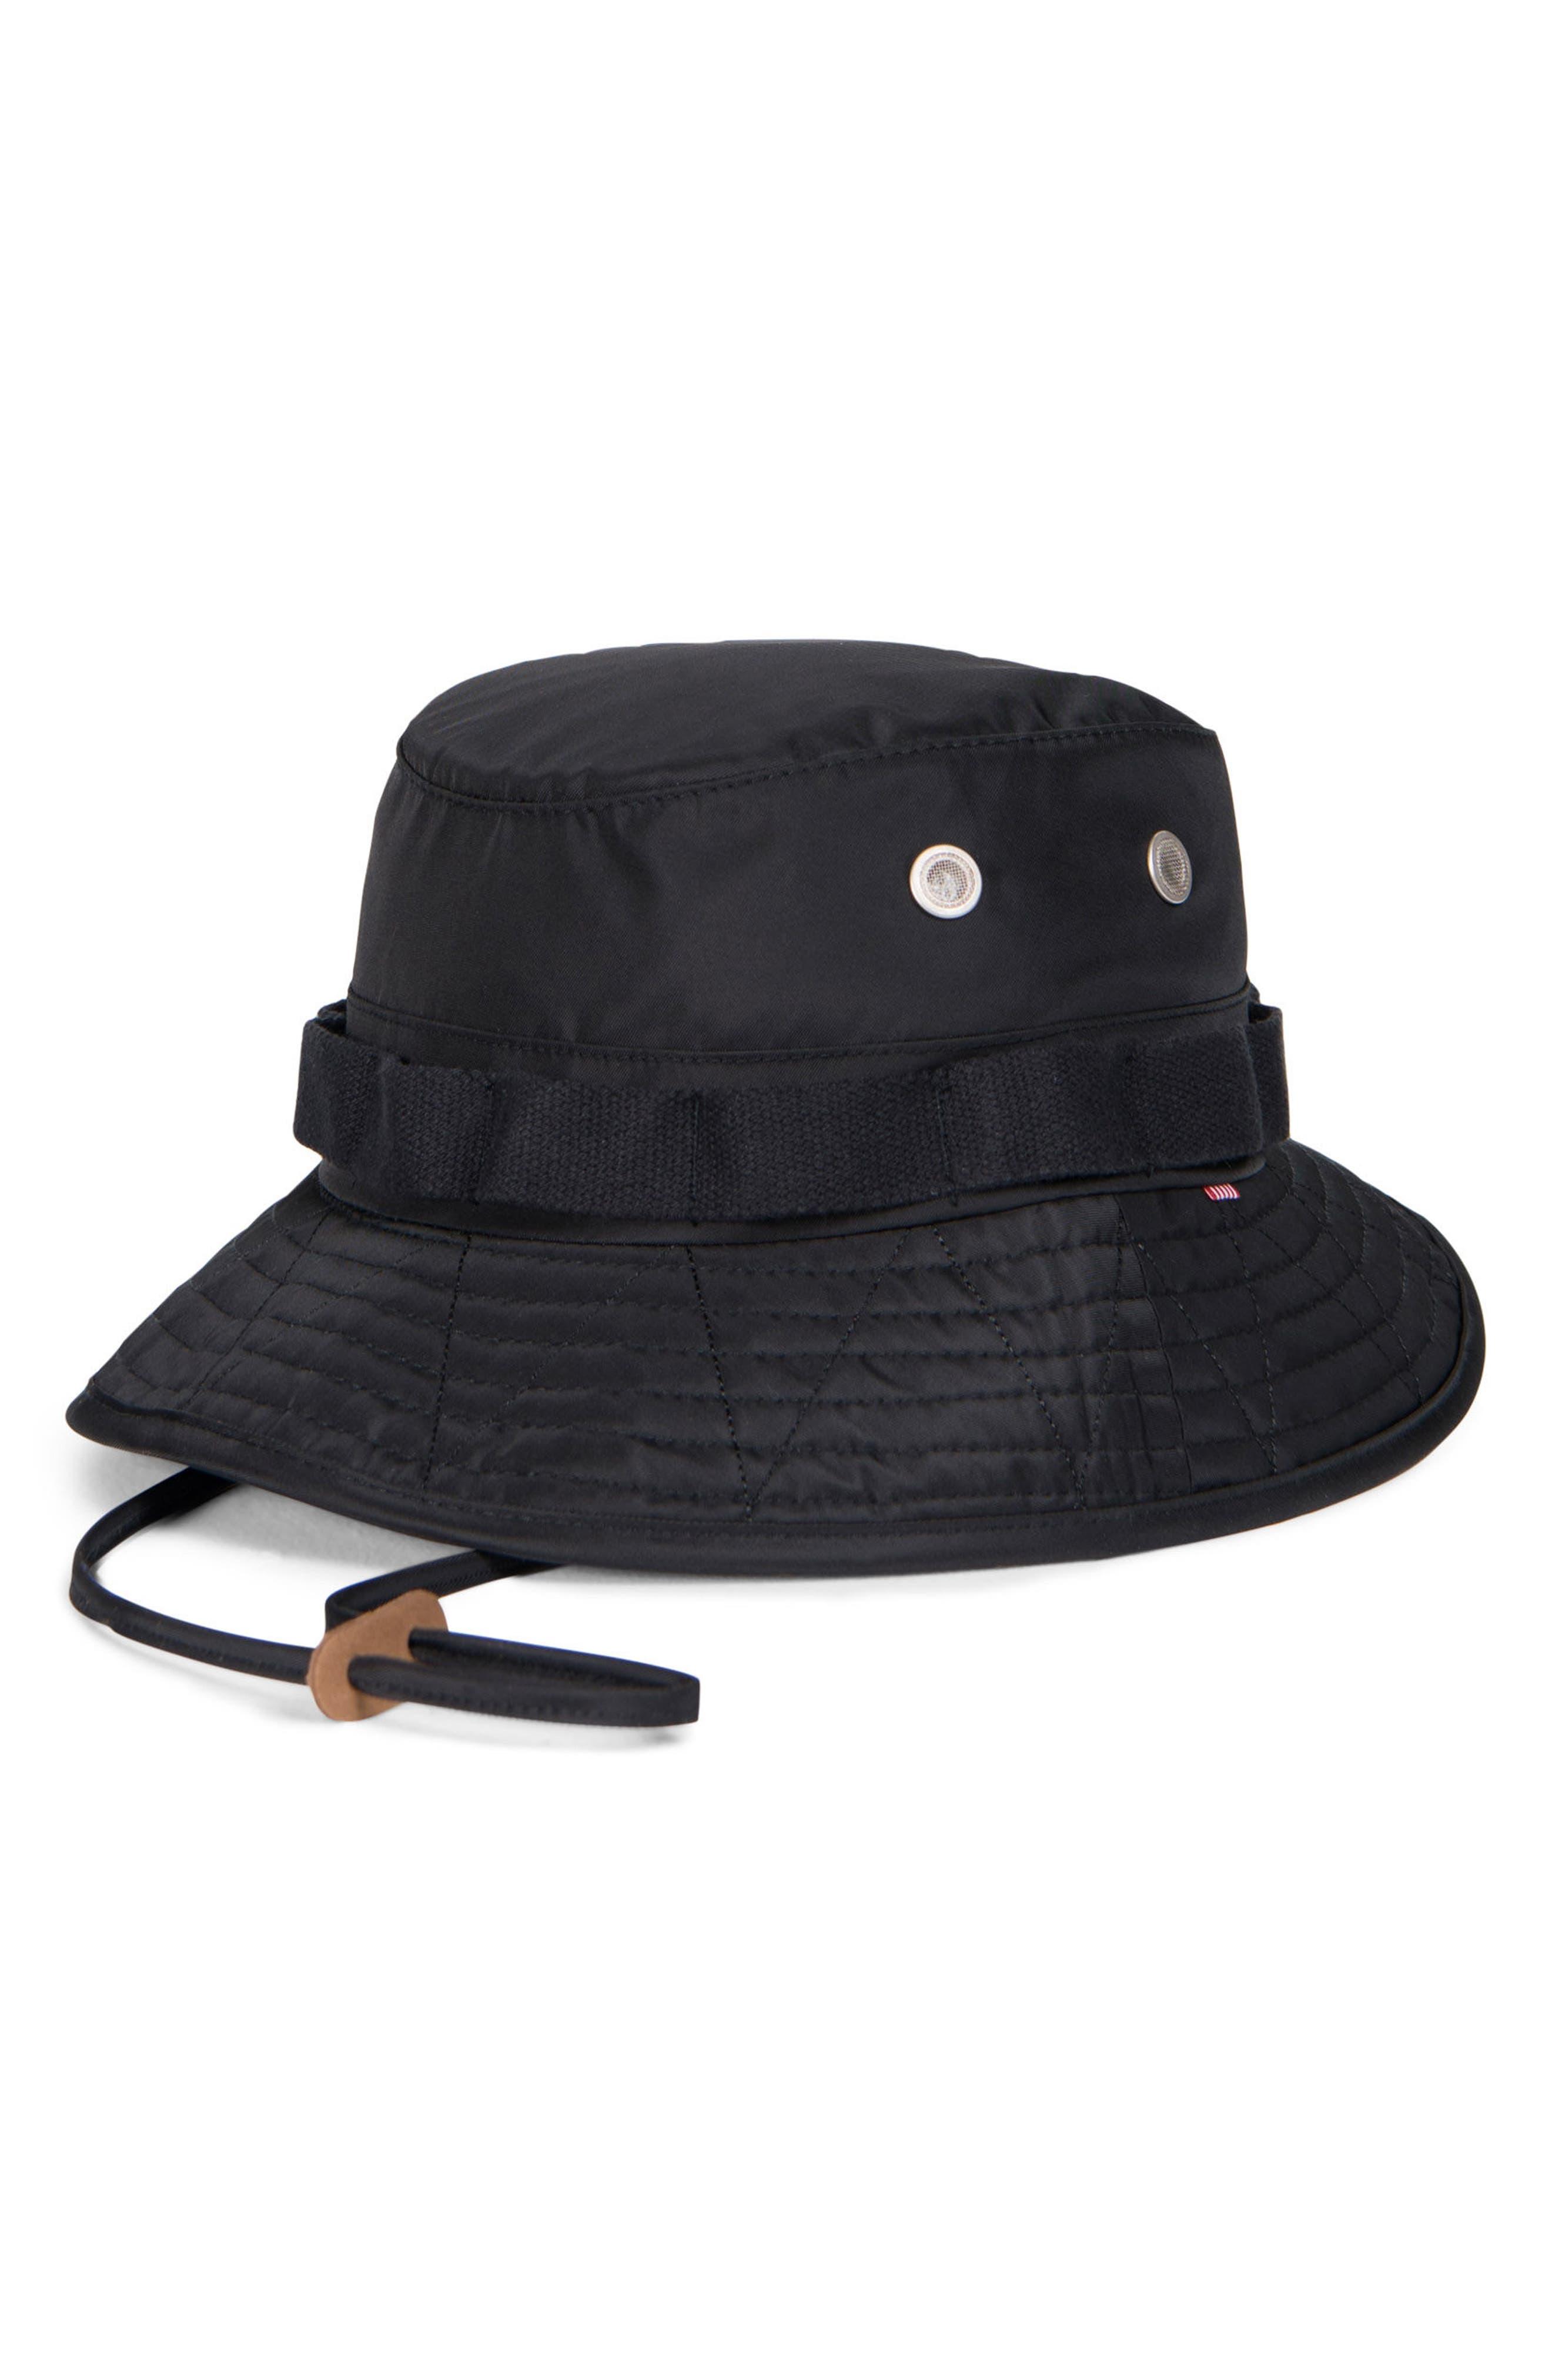 Main Image - Herschel Supply Co. Creek Surplus Collection Bucket Hat